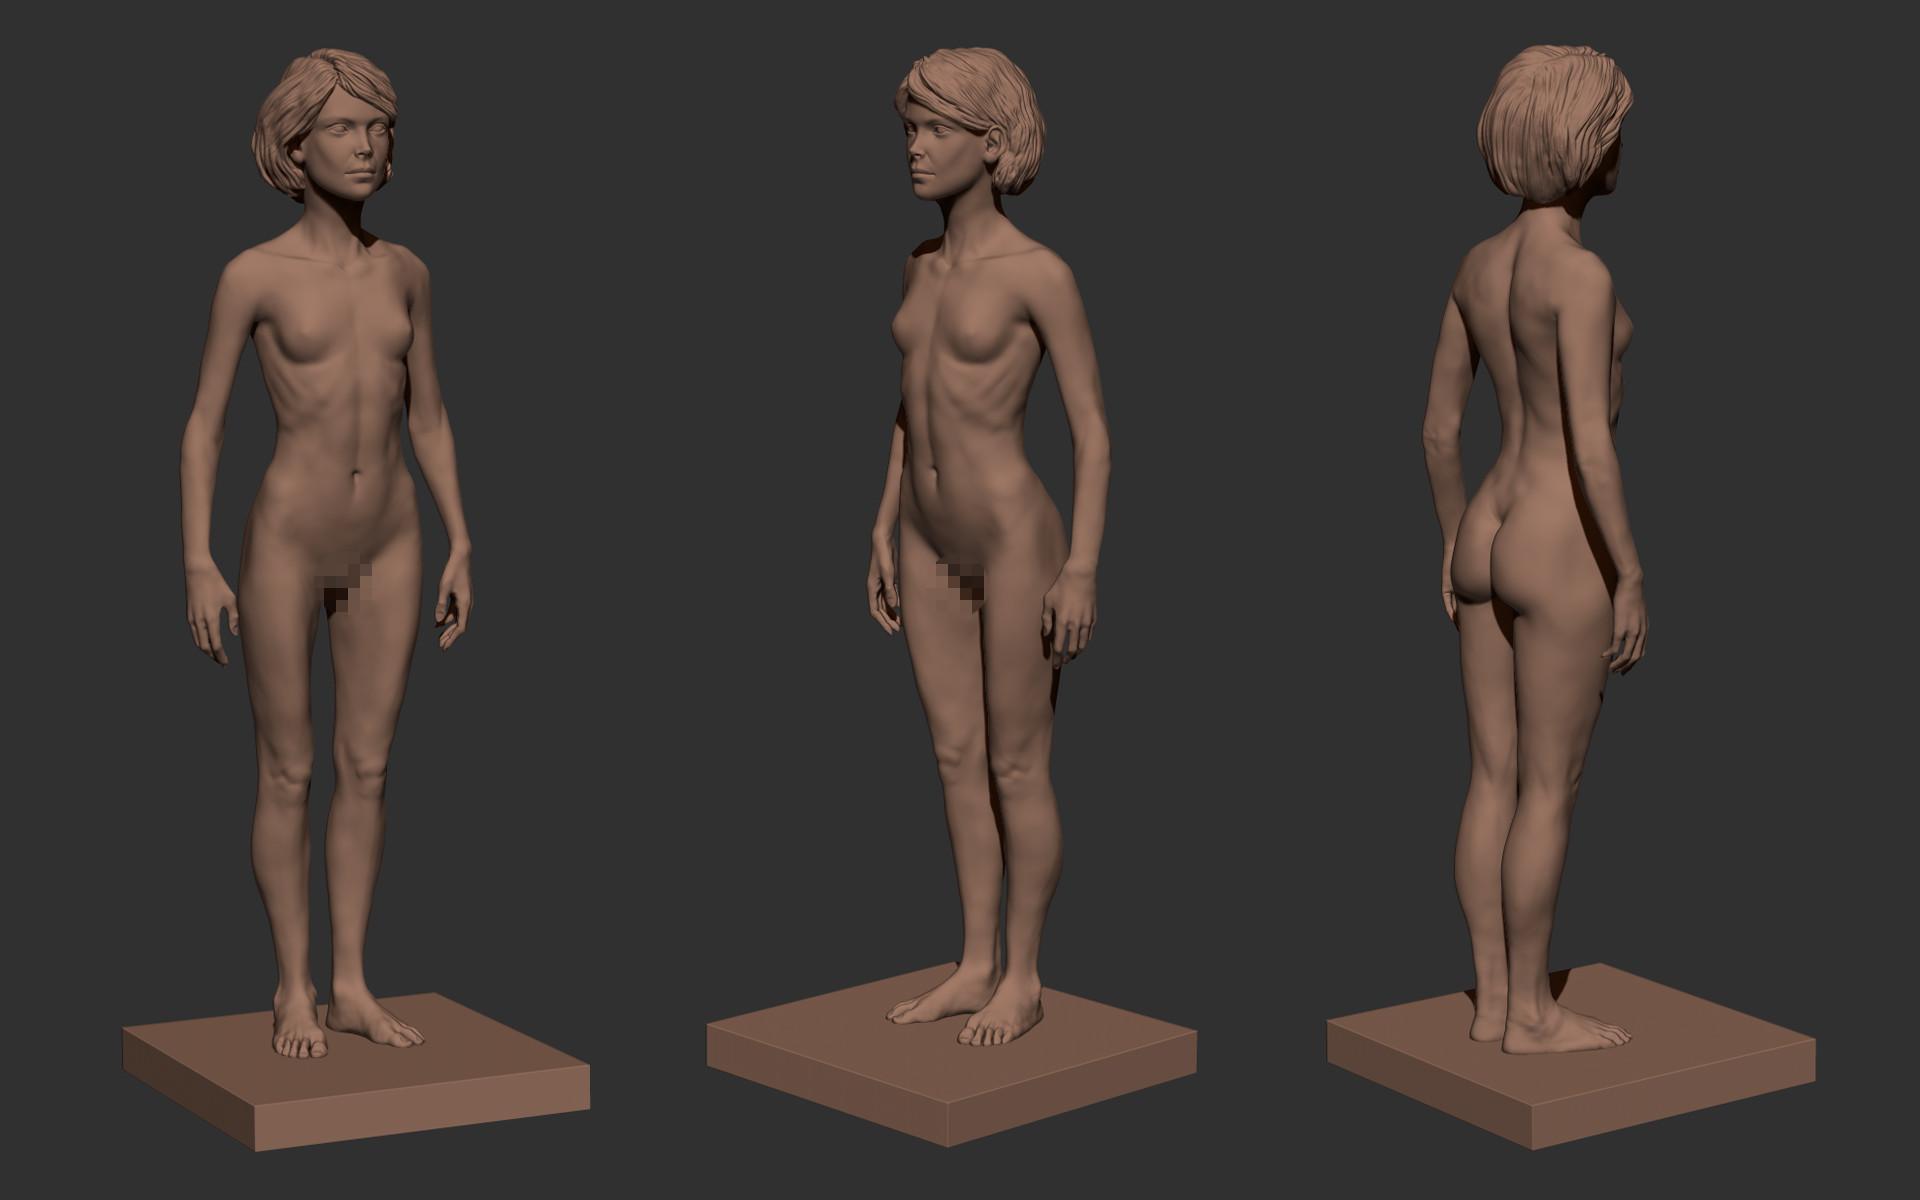 Ilhan yilmaz female anatomy study 04